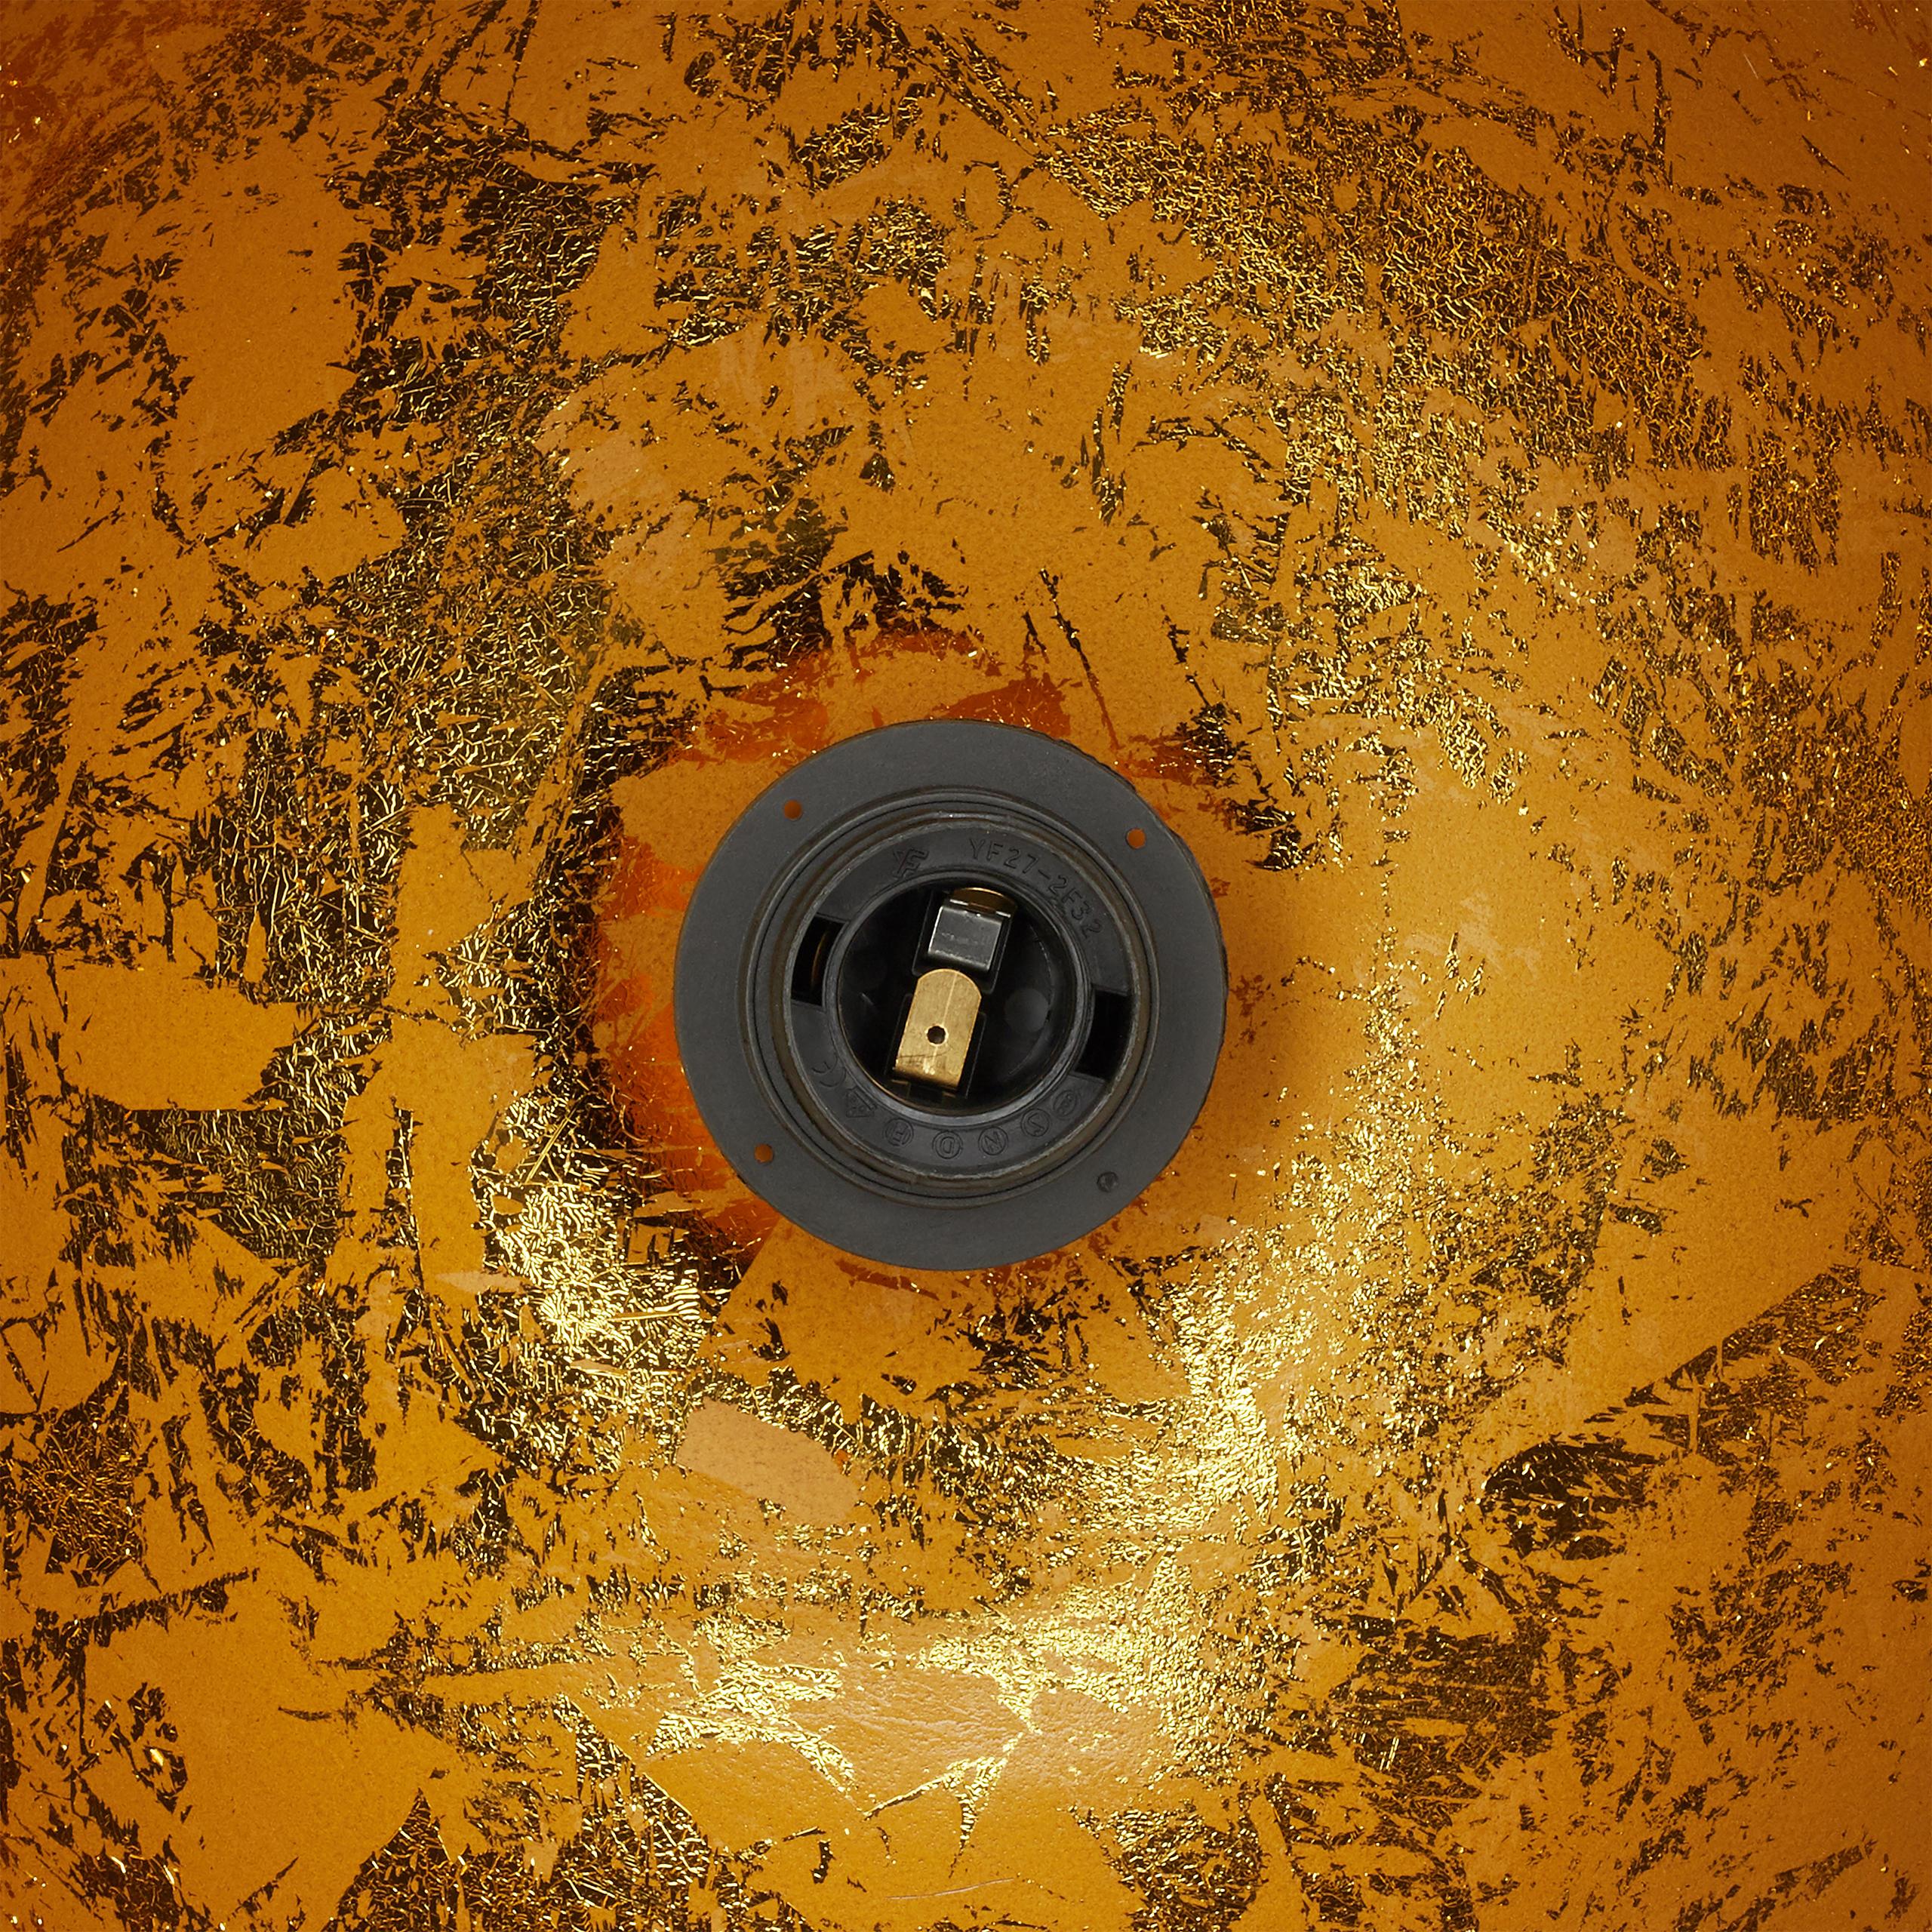 3-flammige-Haengelampe-Metall-Pendelleuchte-Dreistrahler-Haengeleuchten-rund